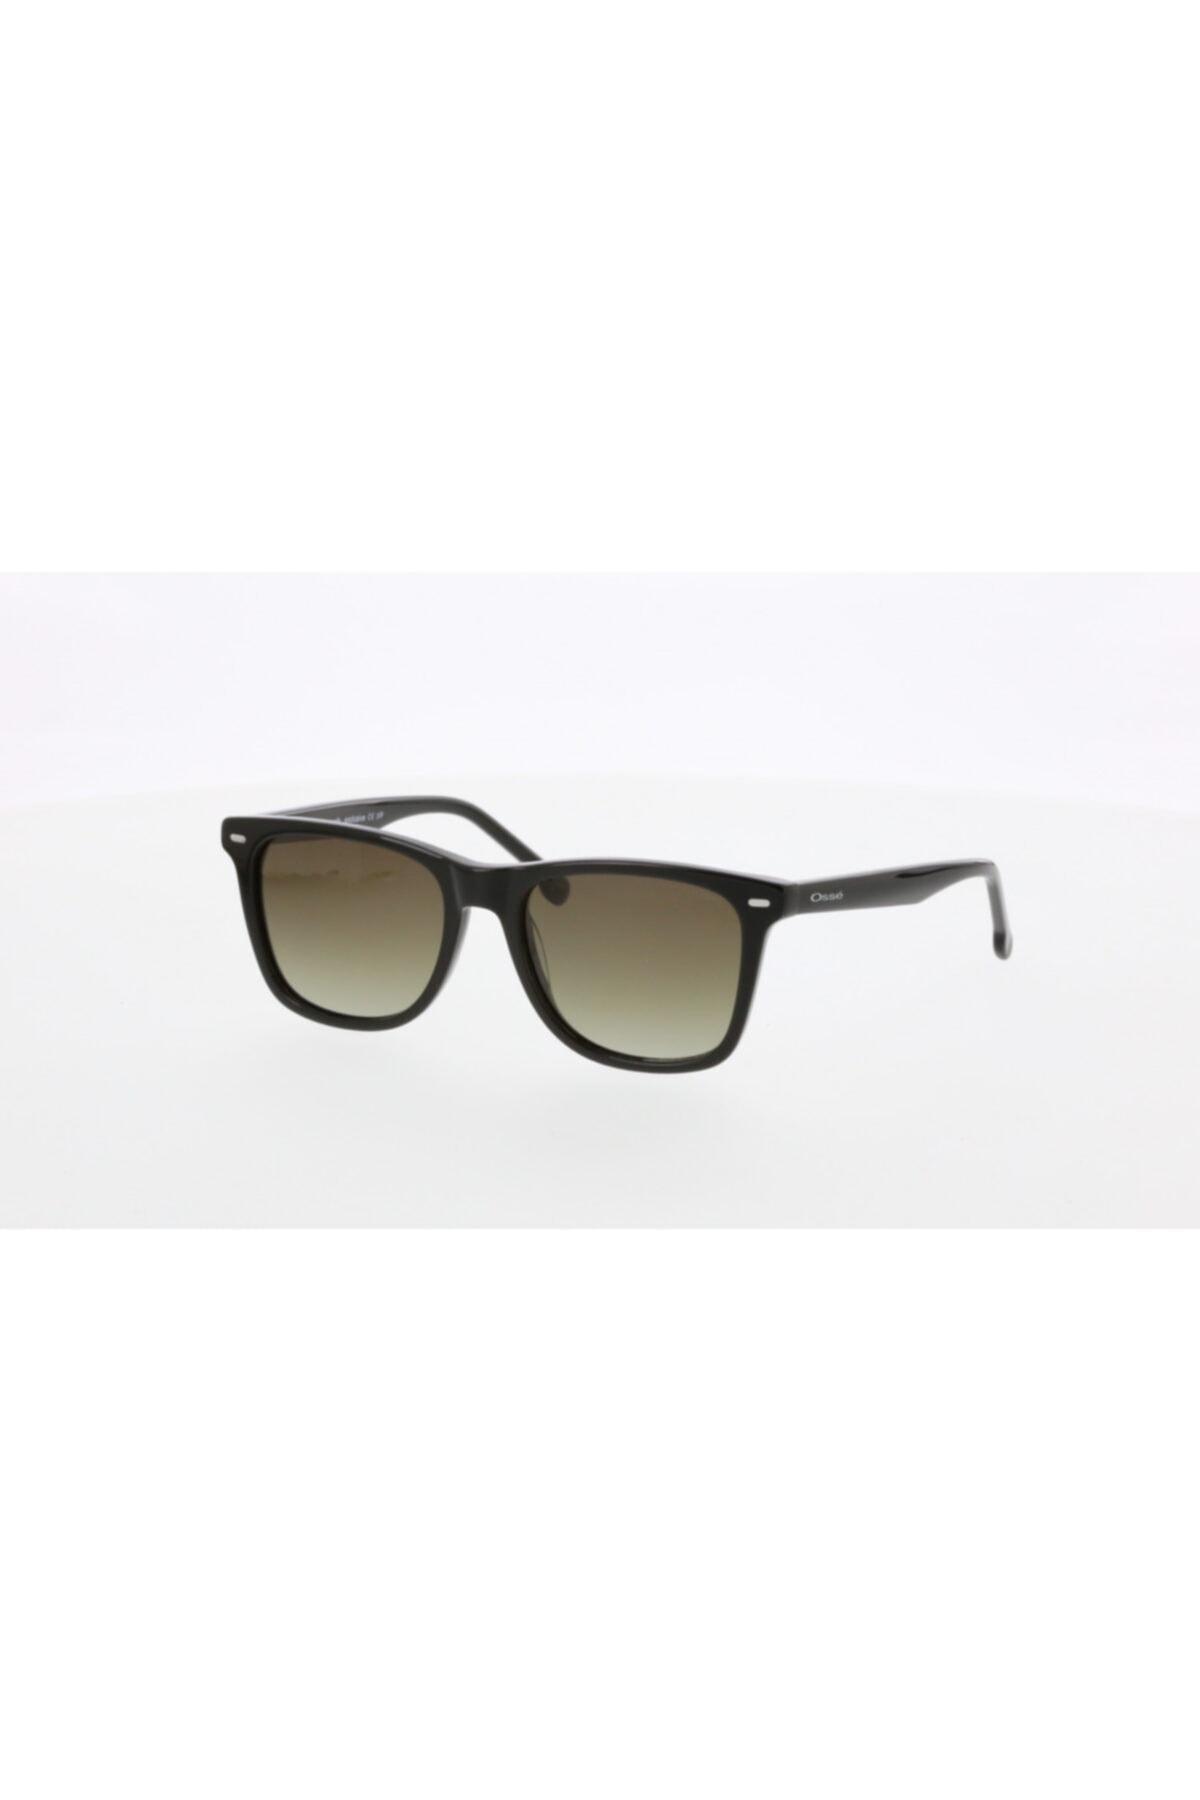 خرید عینک دودی مردانه ست برند Osse رنگ مشکی کد ty97491462